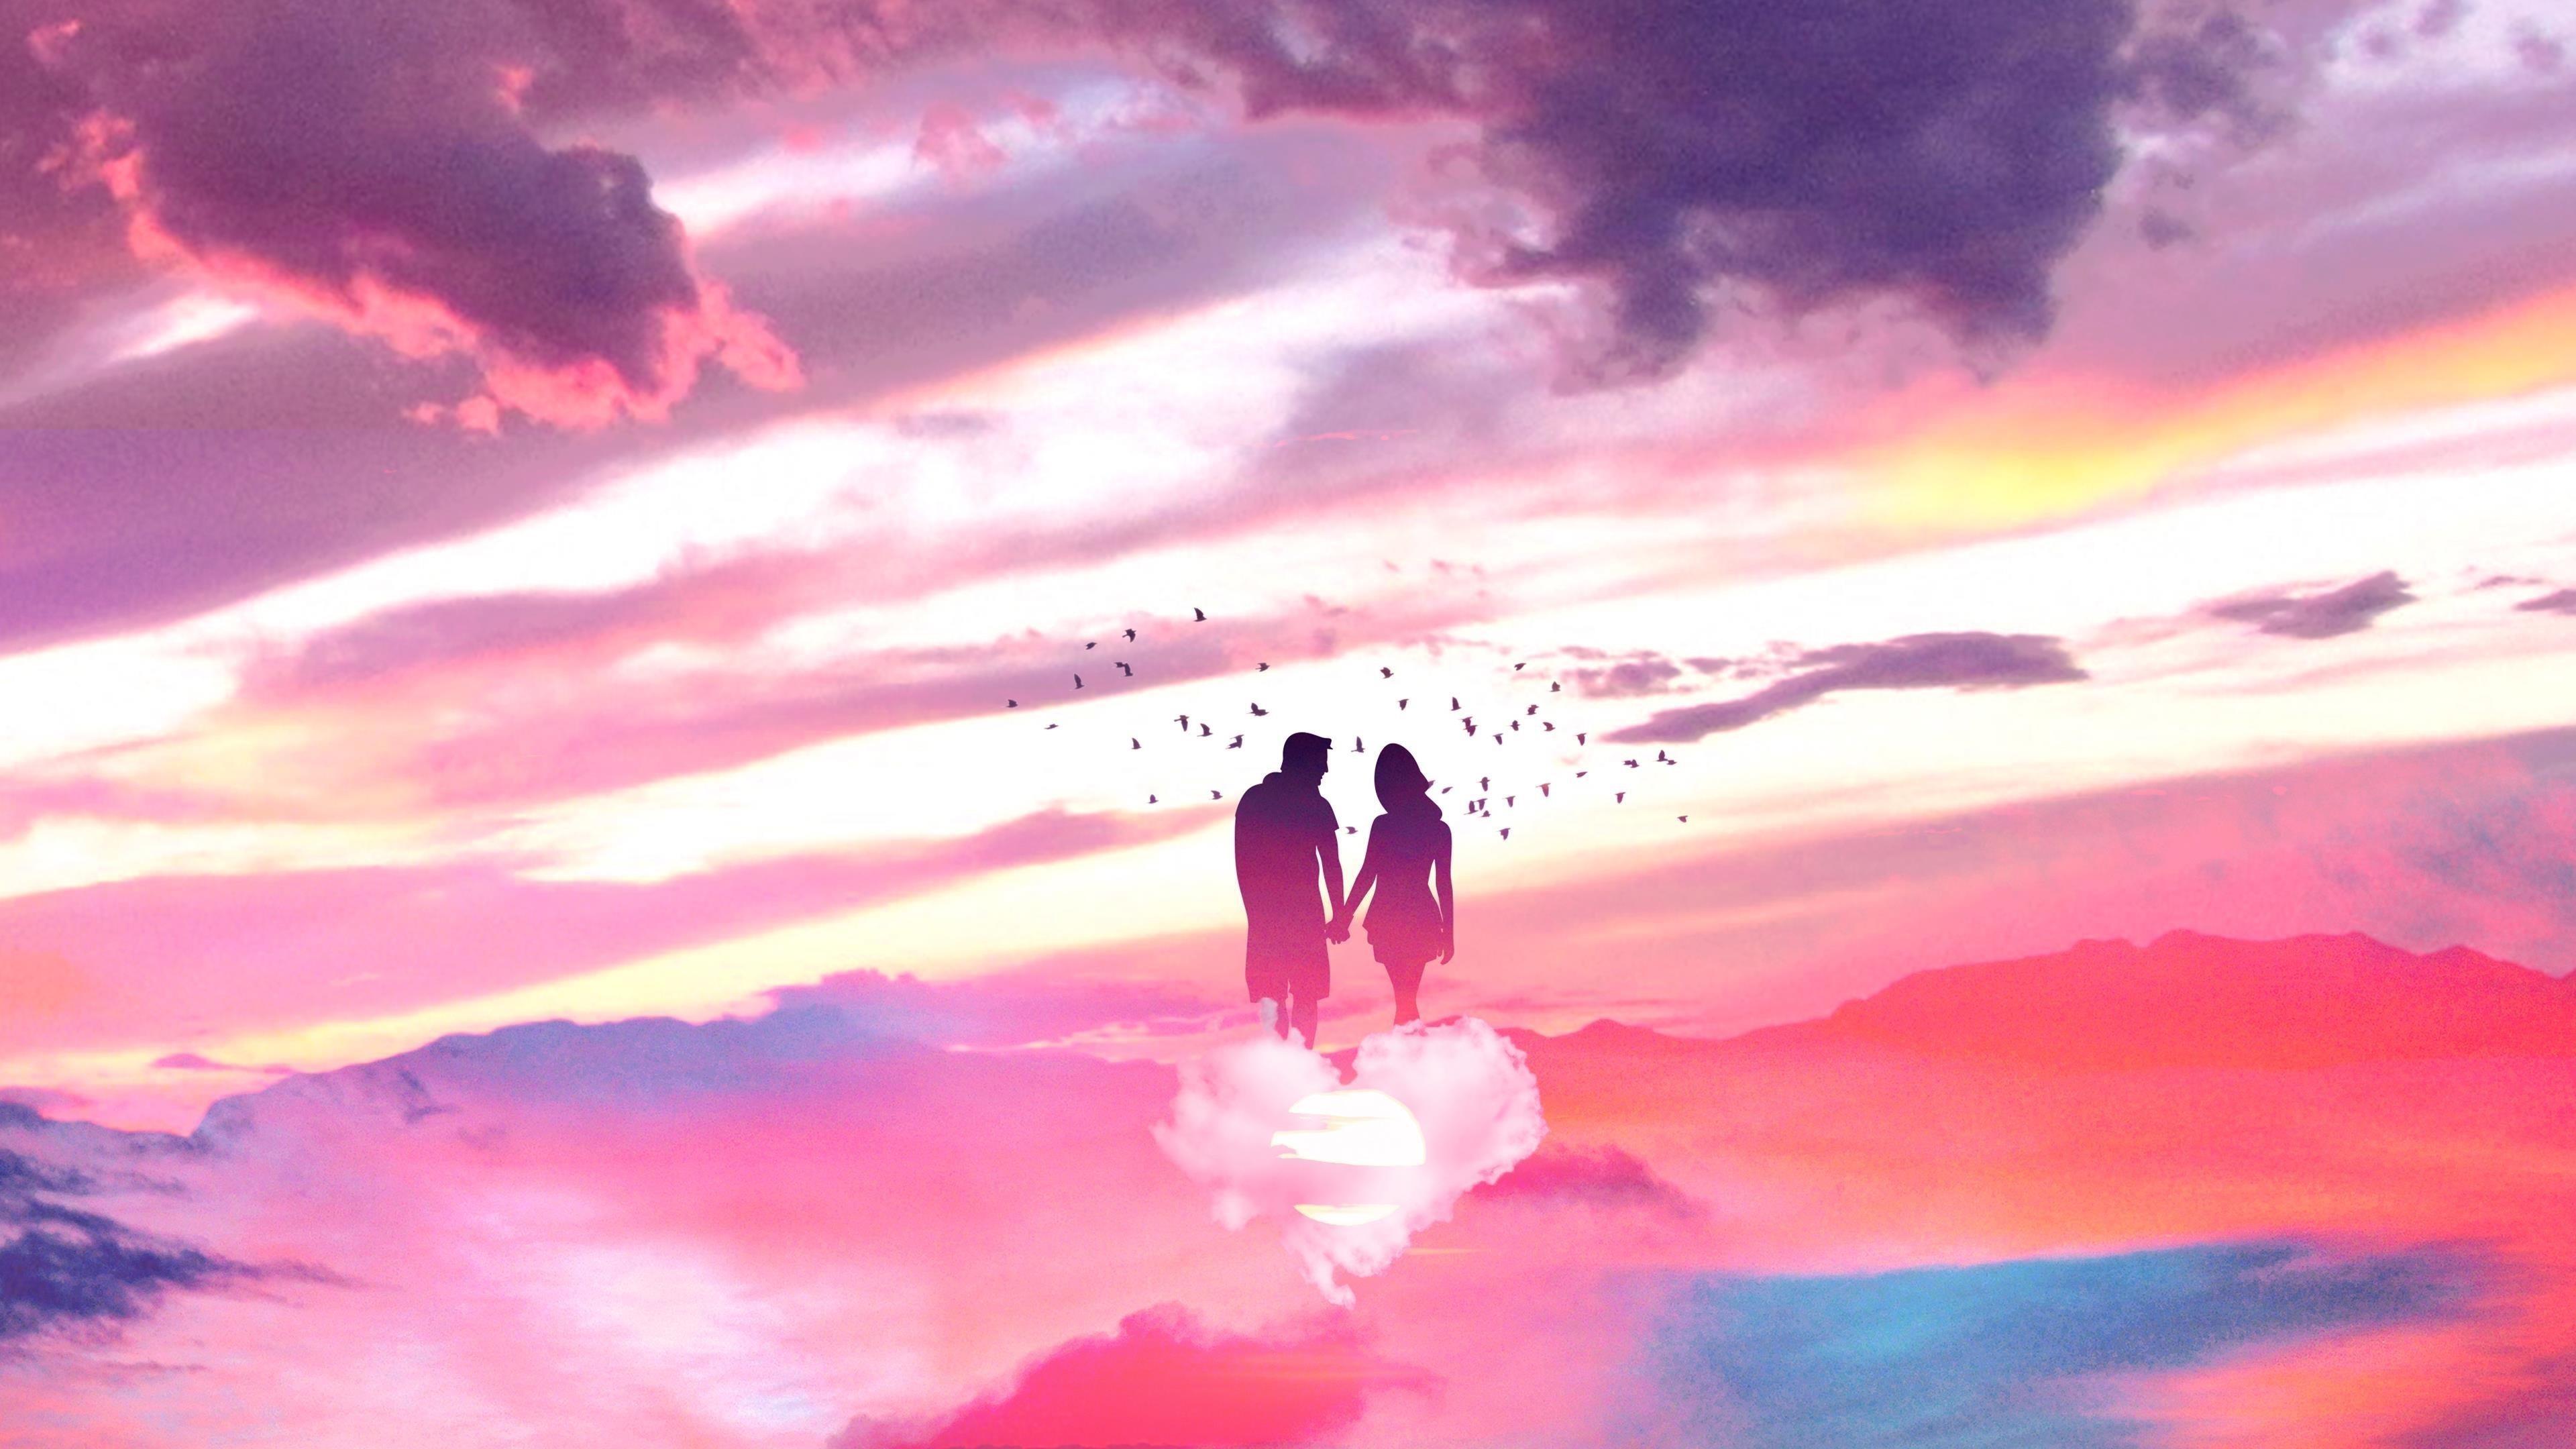 Романтическая любовная пара обои скачать